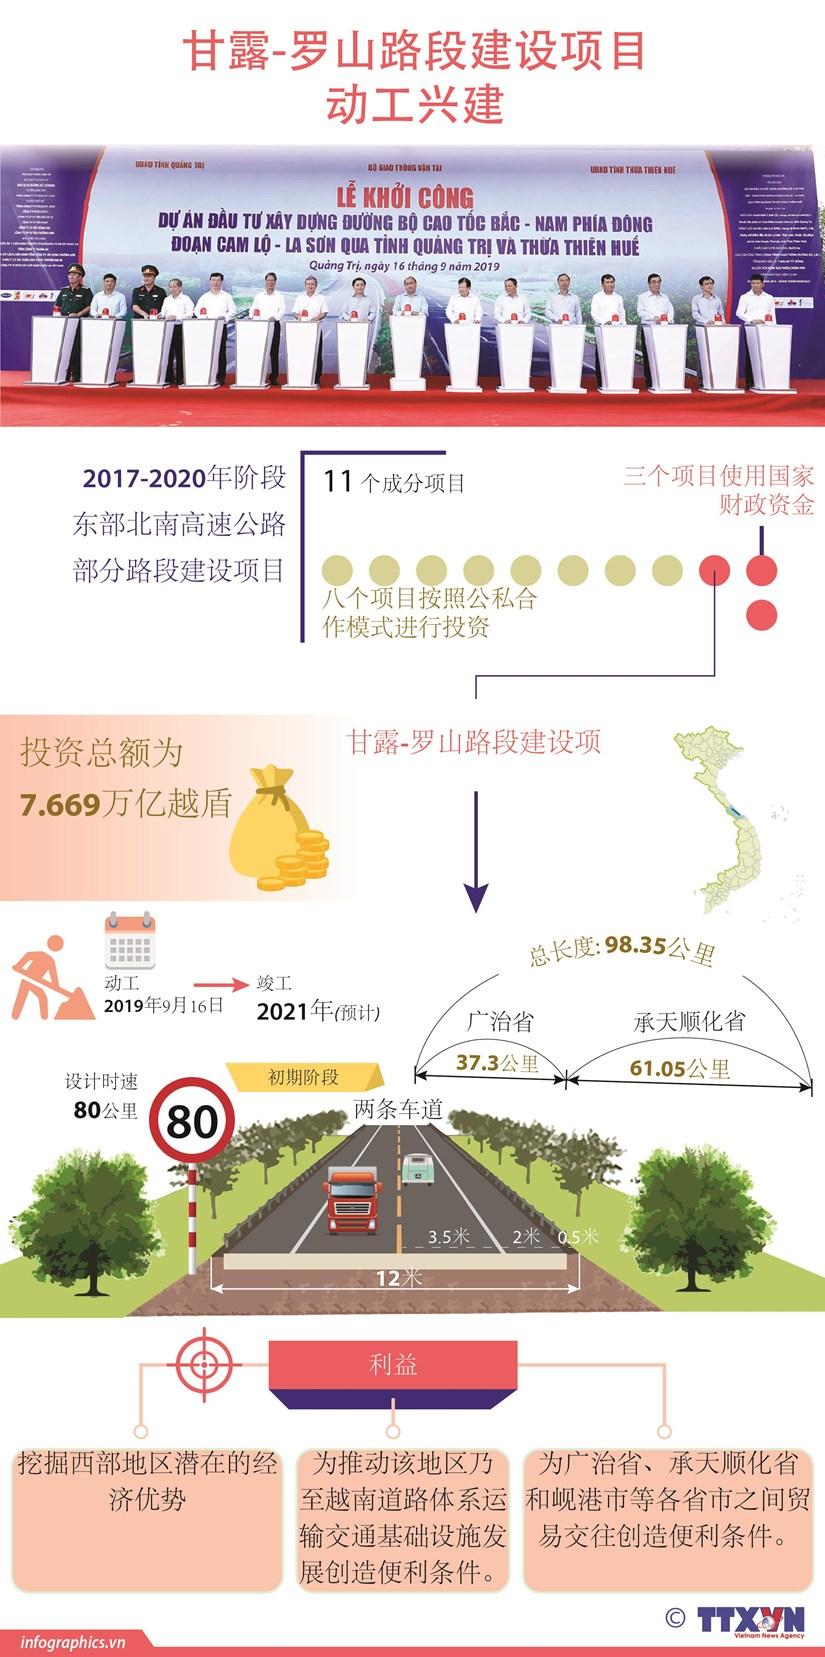 图表新闻:甘露-罗山路段建设项目动工兴建 hinh anh 1